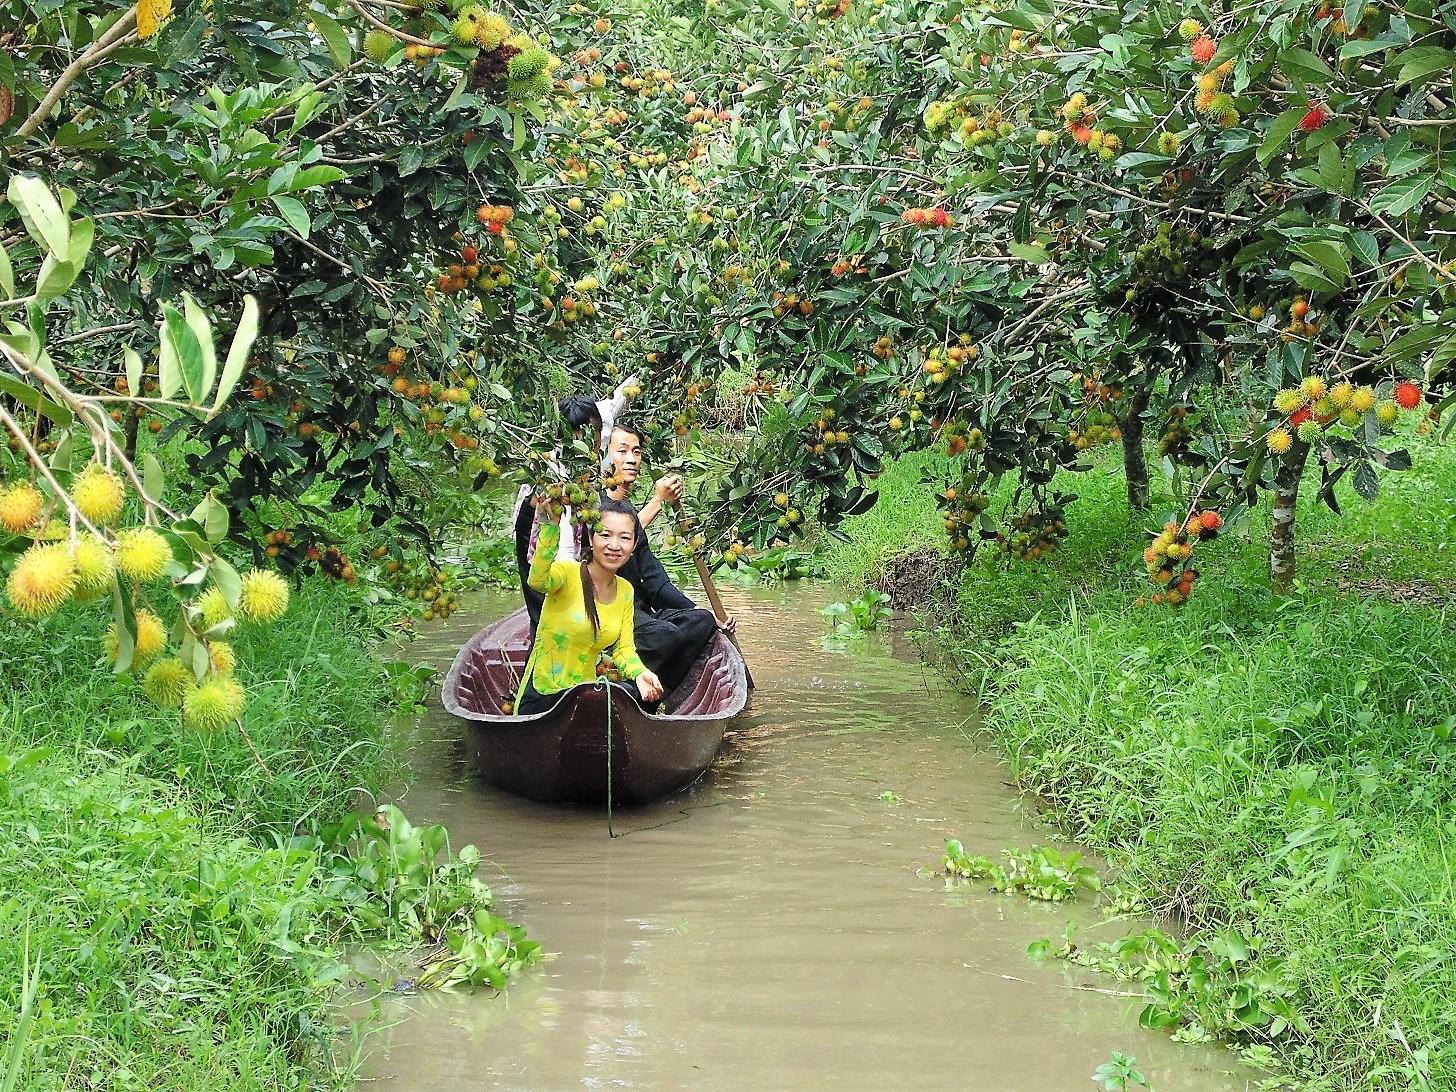 Top 10 Vườn trái cây Cần Thơ nổi tiếng ăn ngon tham quan MIỄN PHÍ nên ghé